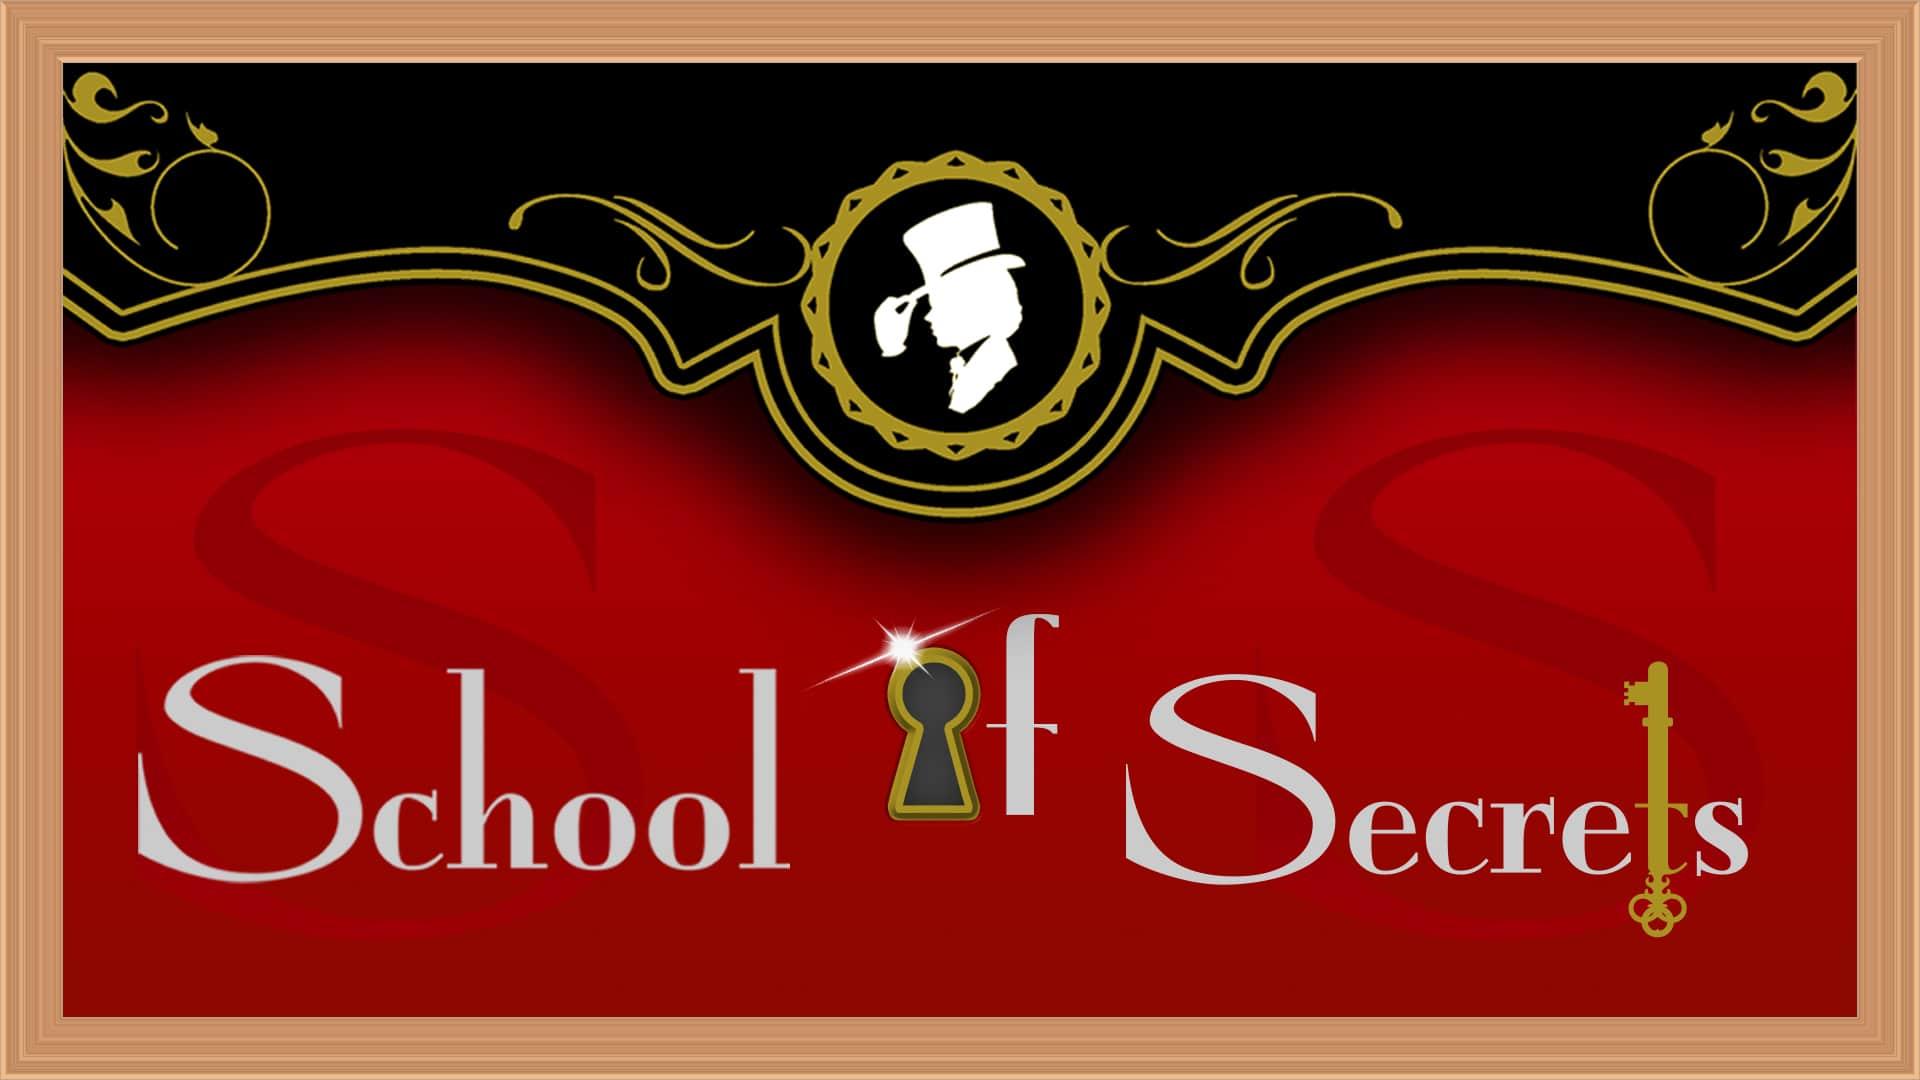 Schoolsecretslogored